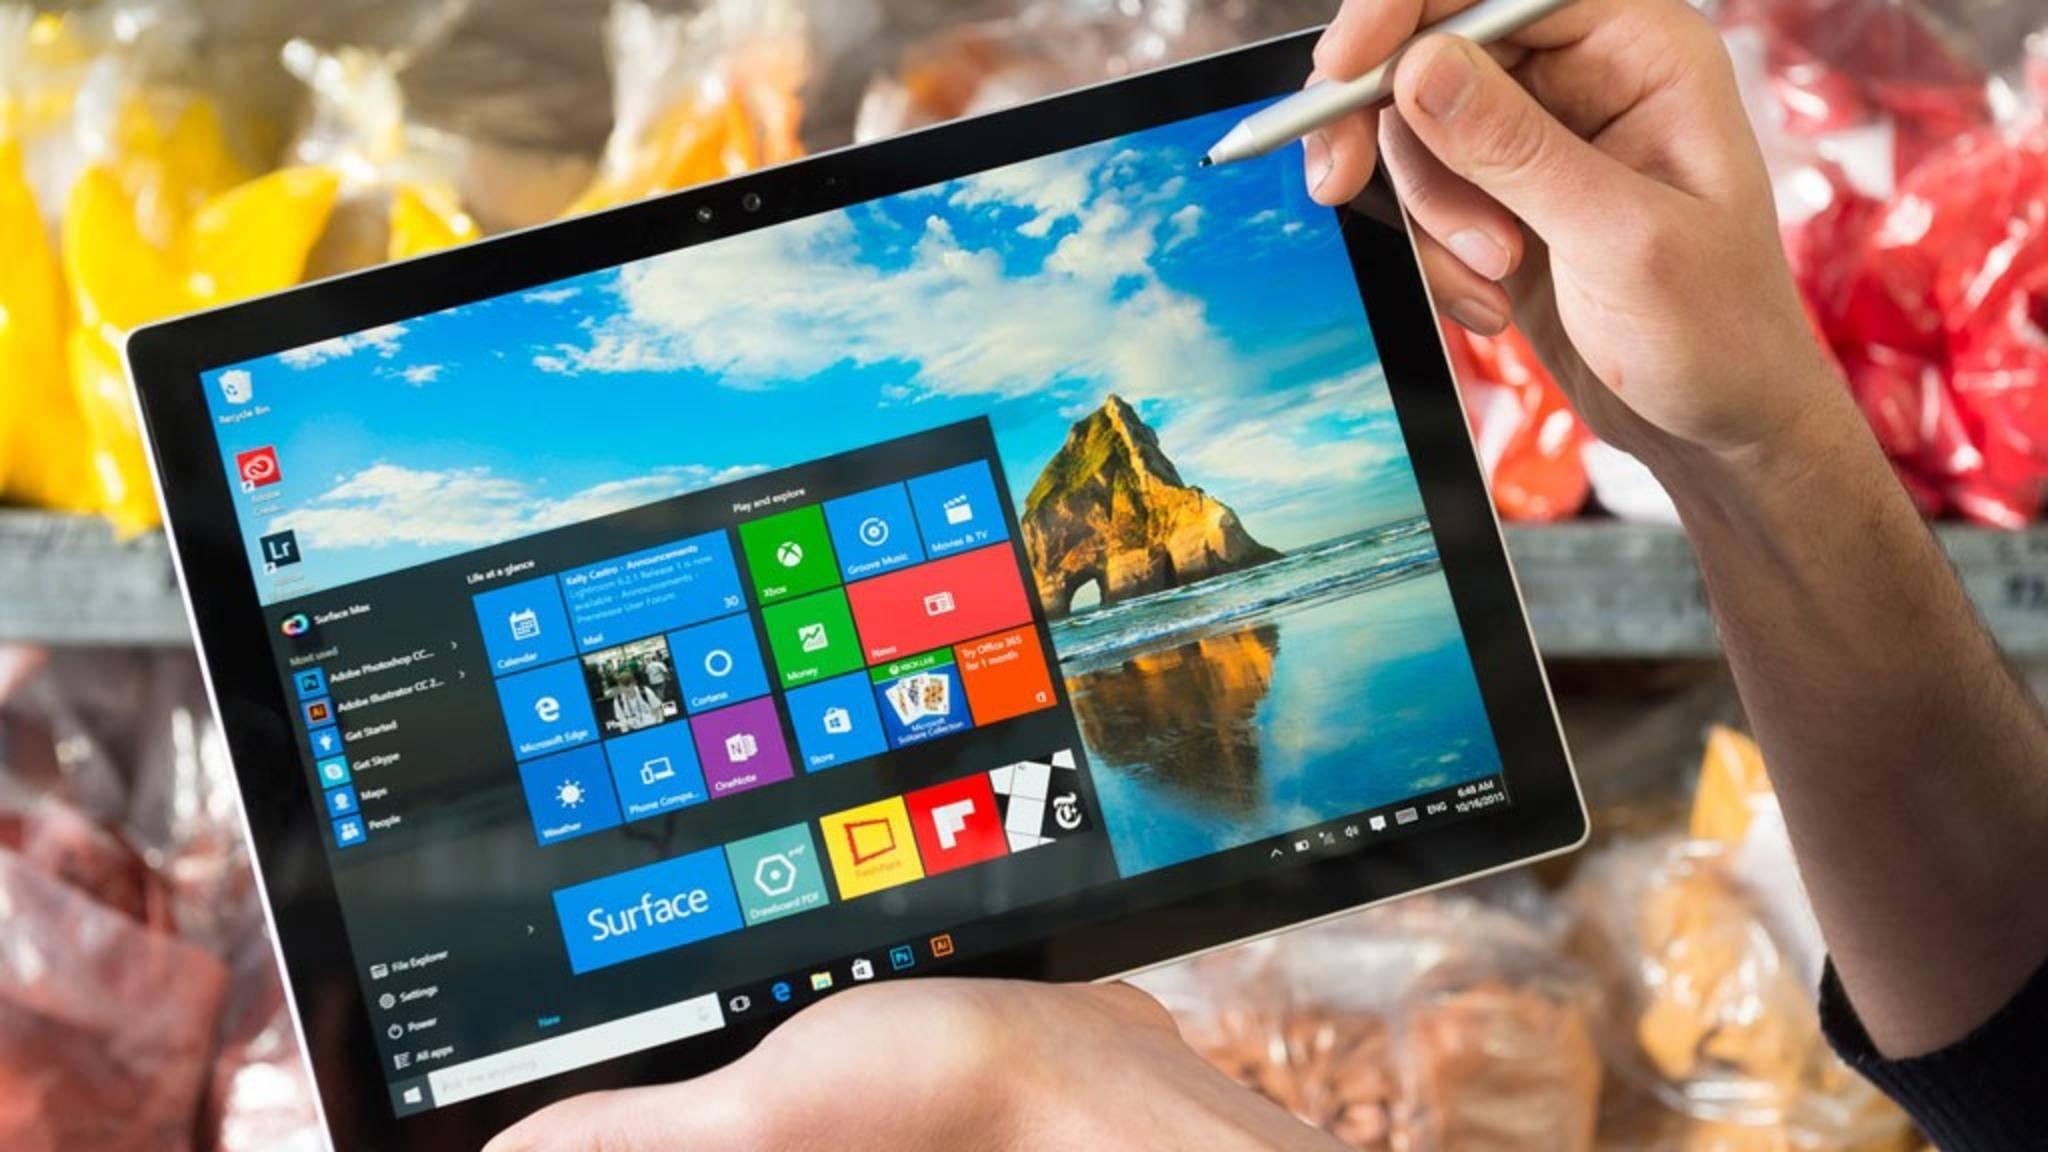 Bestimmte Windows-10-Updates können leicht rückgängig gemacht werden.